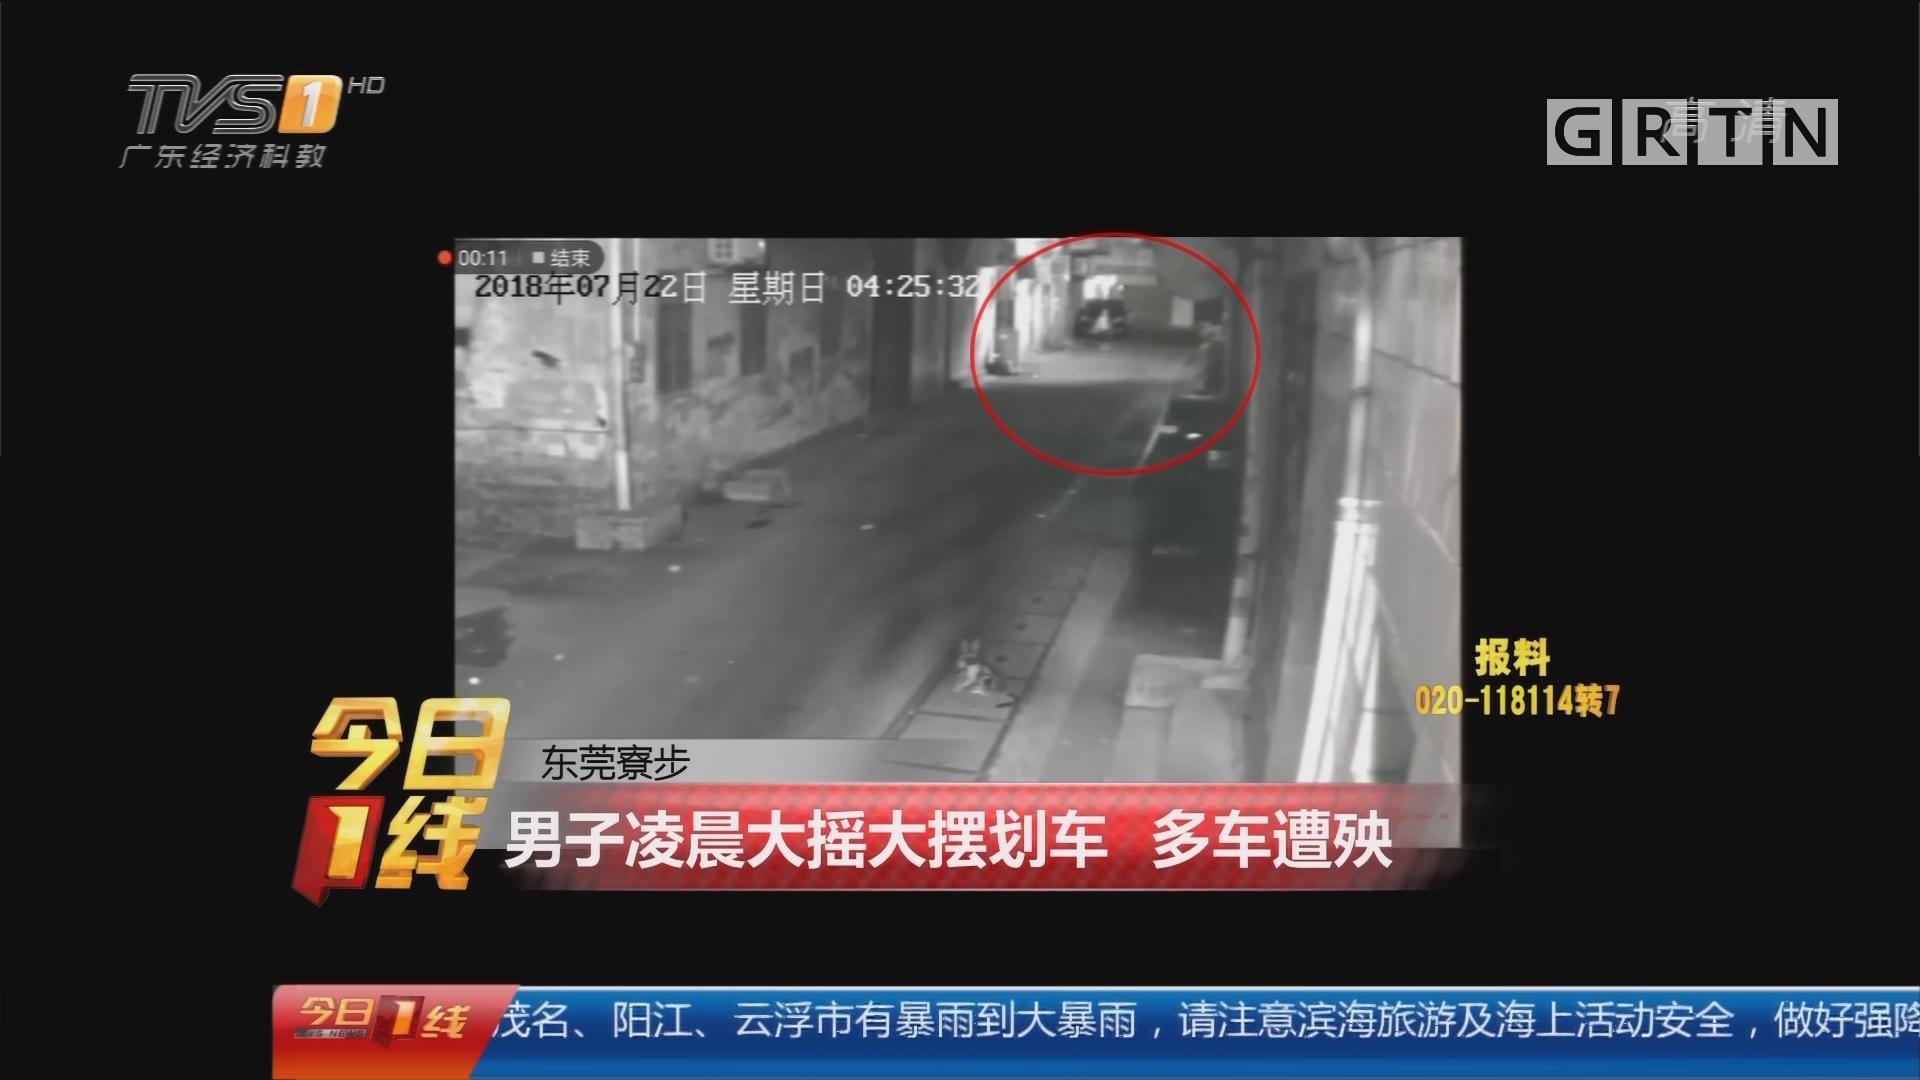 东莞寮步:男子凌晨大摇大摆划车 多车遭殃